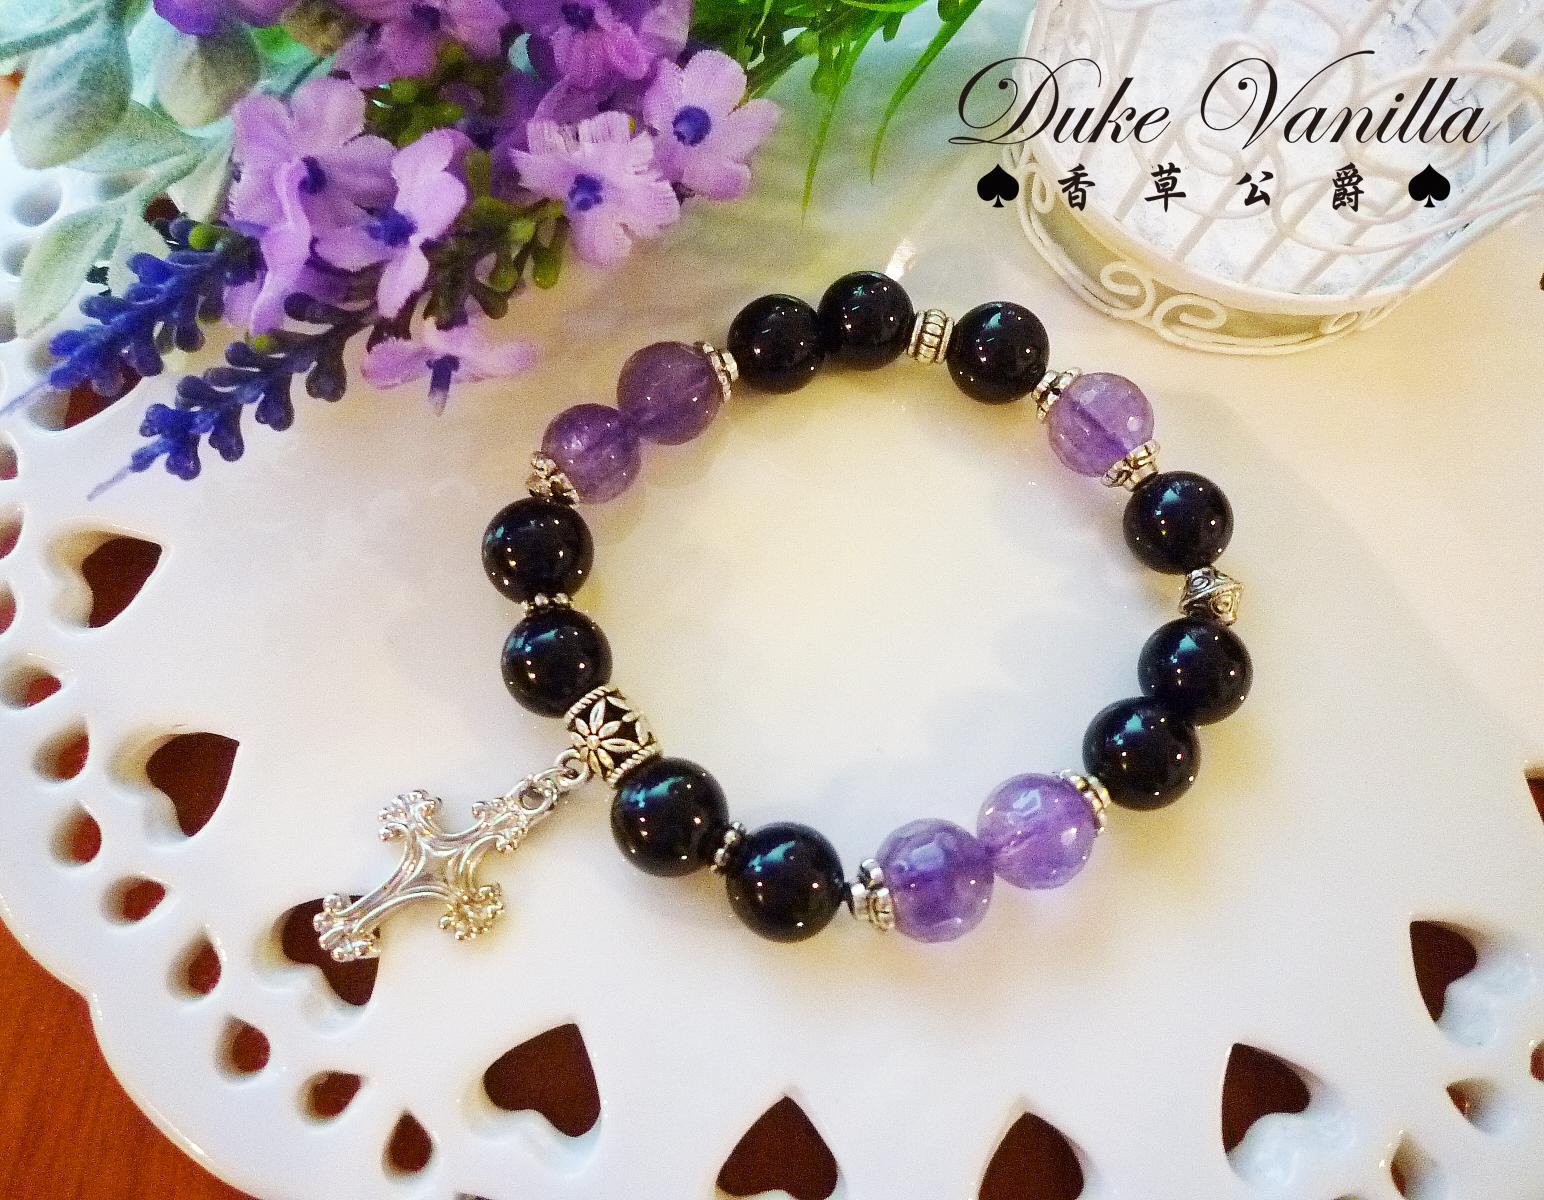 黑魔導* 寬版黑瑪瑙紫晶十字架手環 - Duke Vanilla 香草公爵